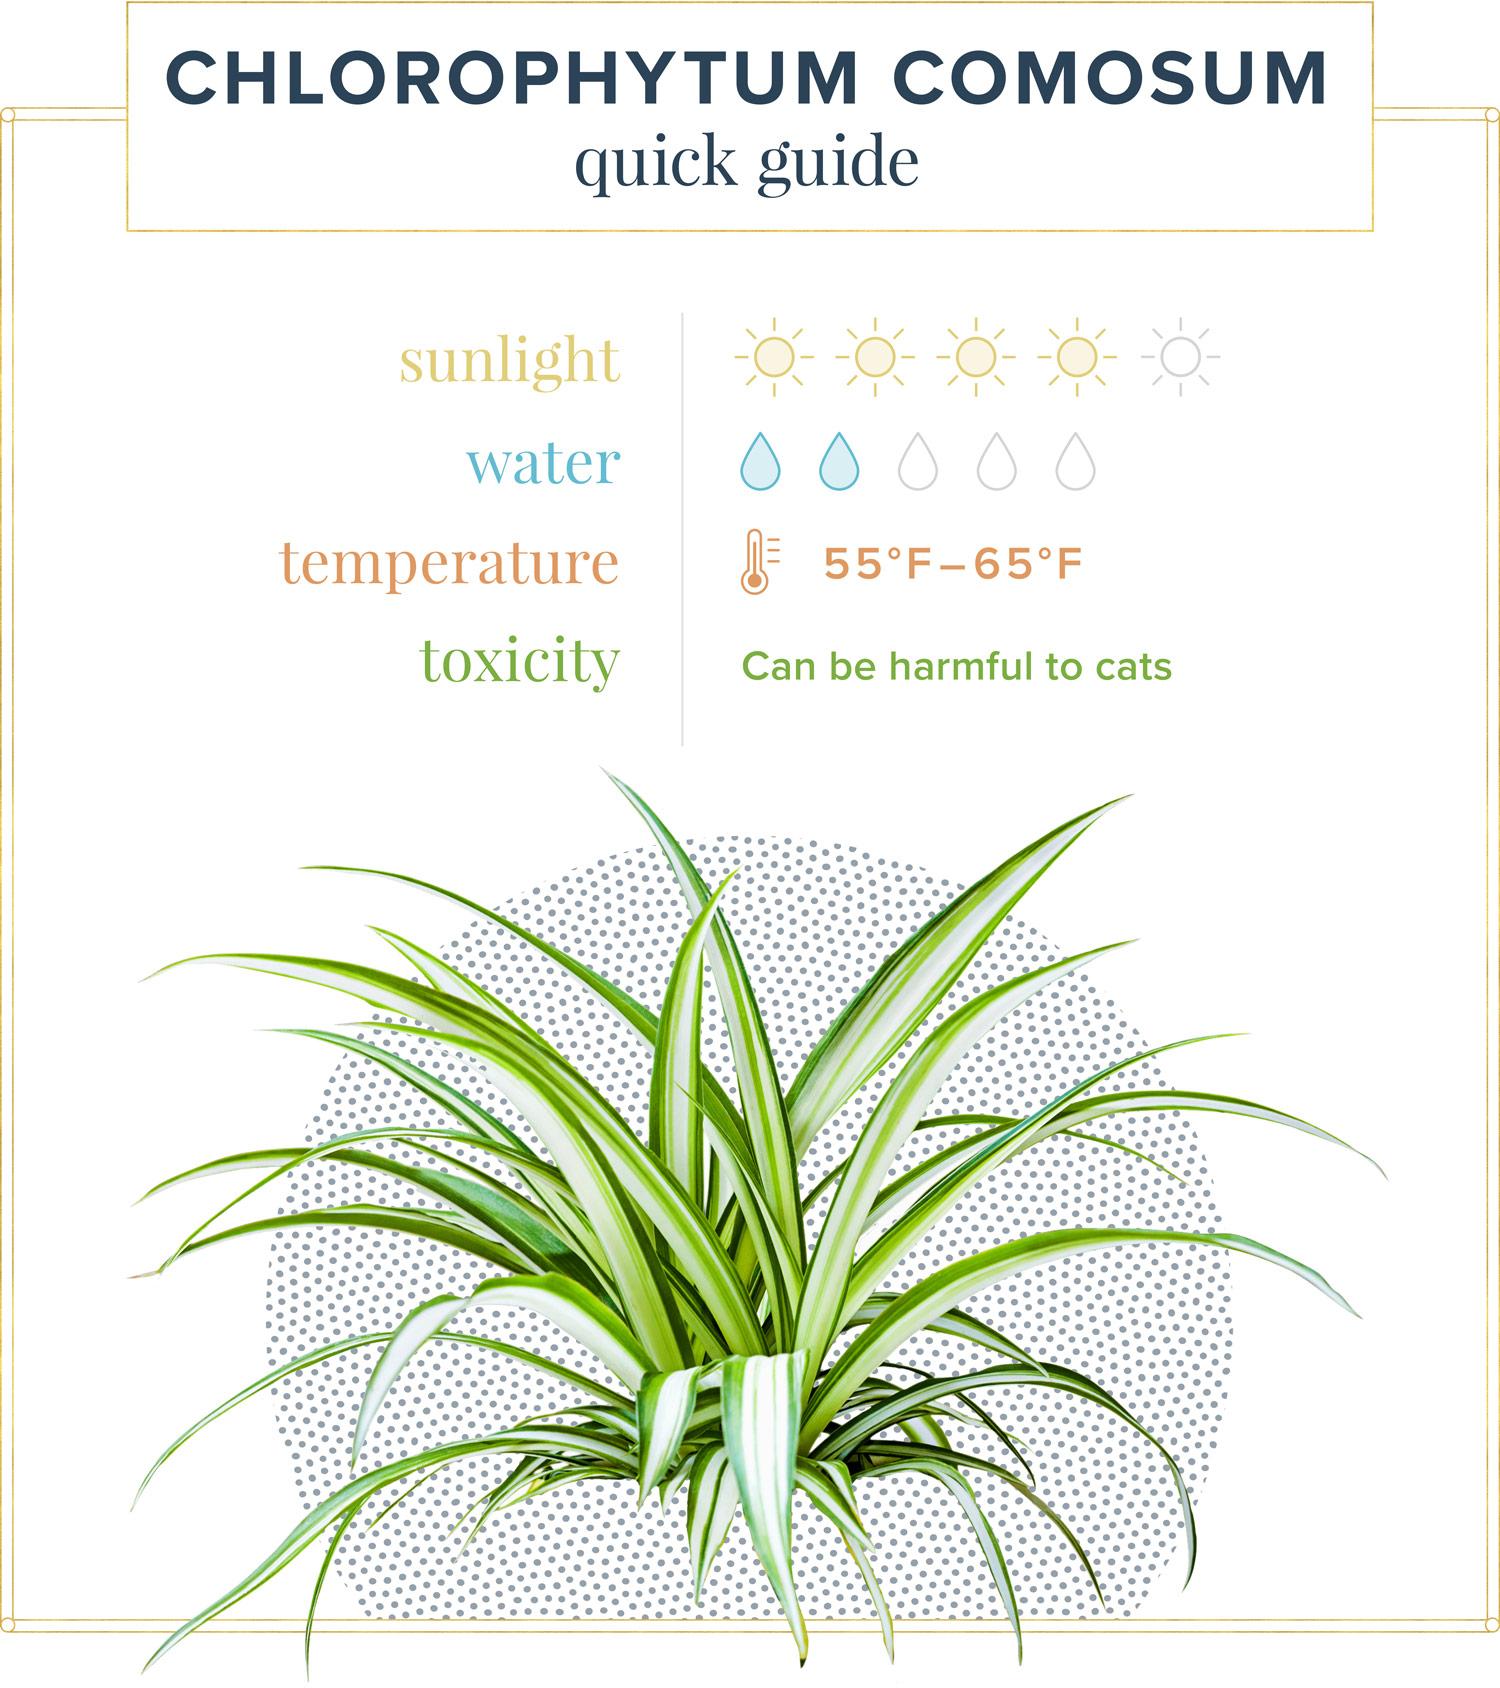 chlorophytum comosum quick care guide